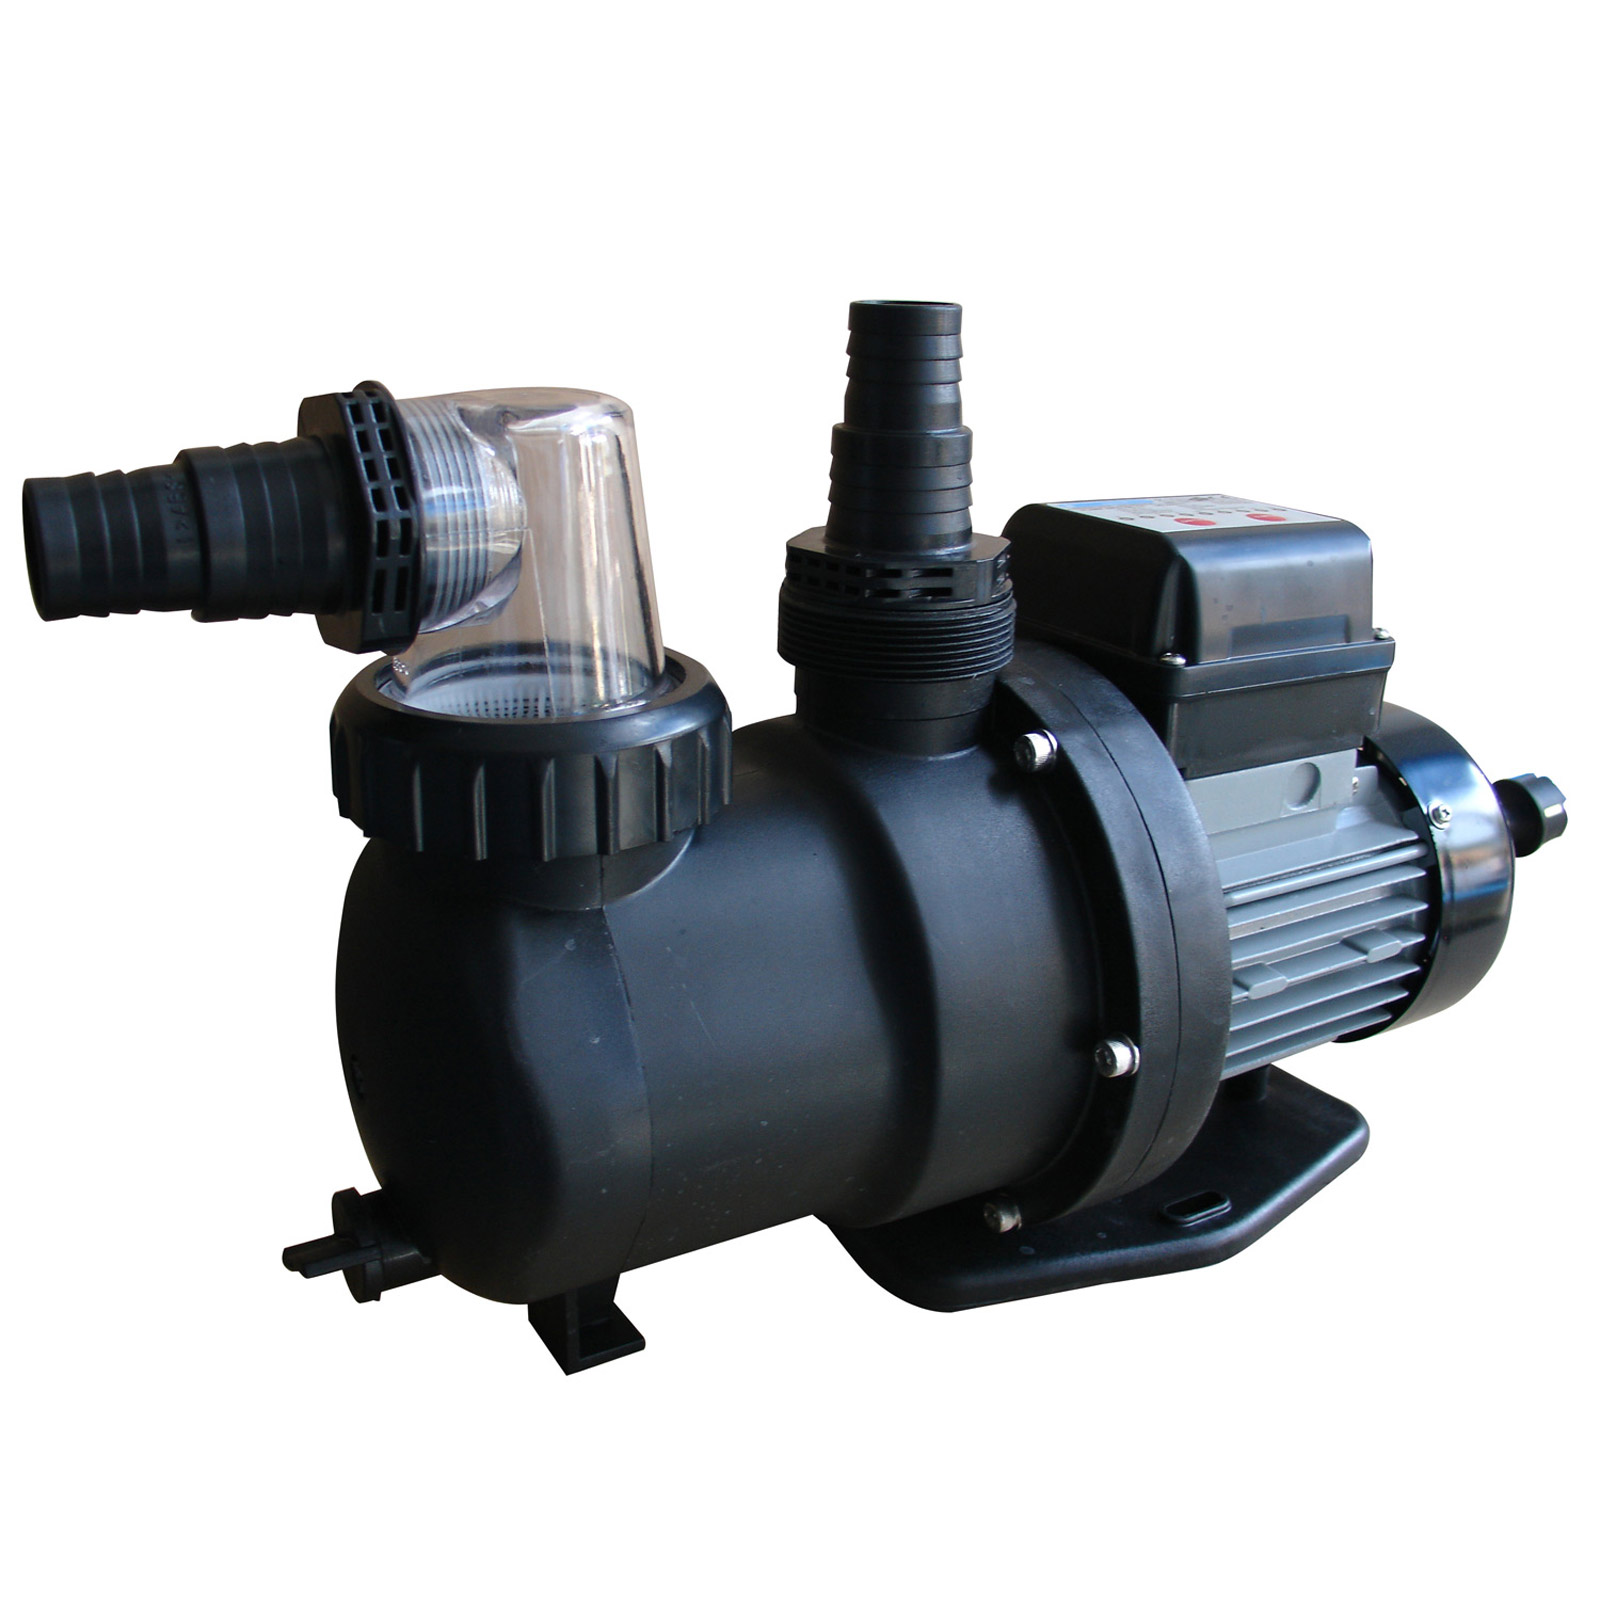 Ersatz Filterpumpe SPS 75-1 für Sandfilteranlage 40920